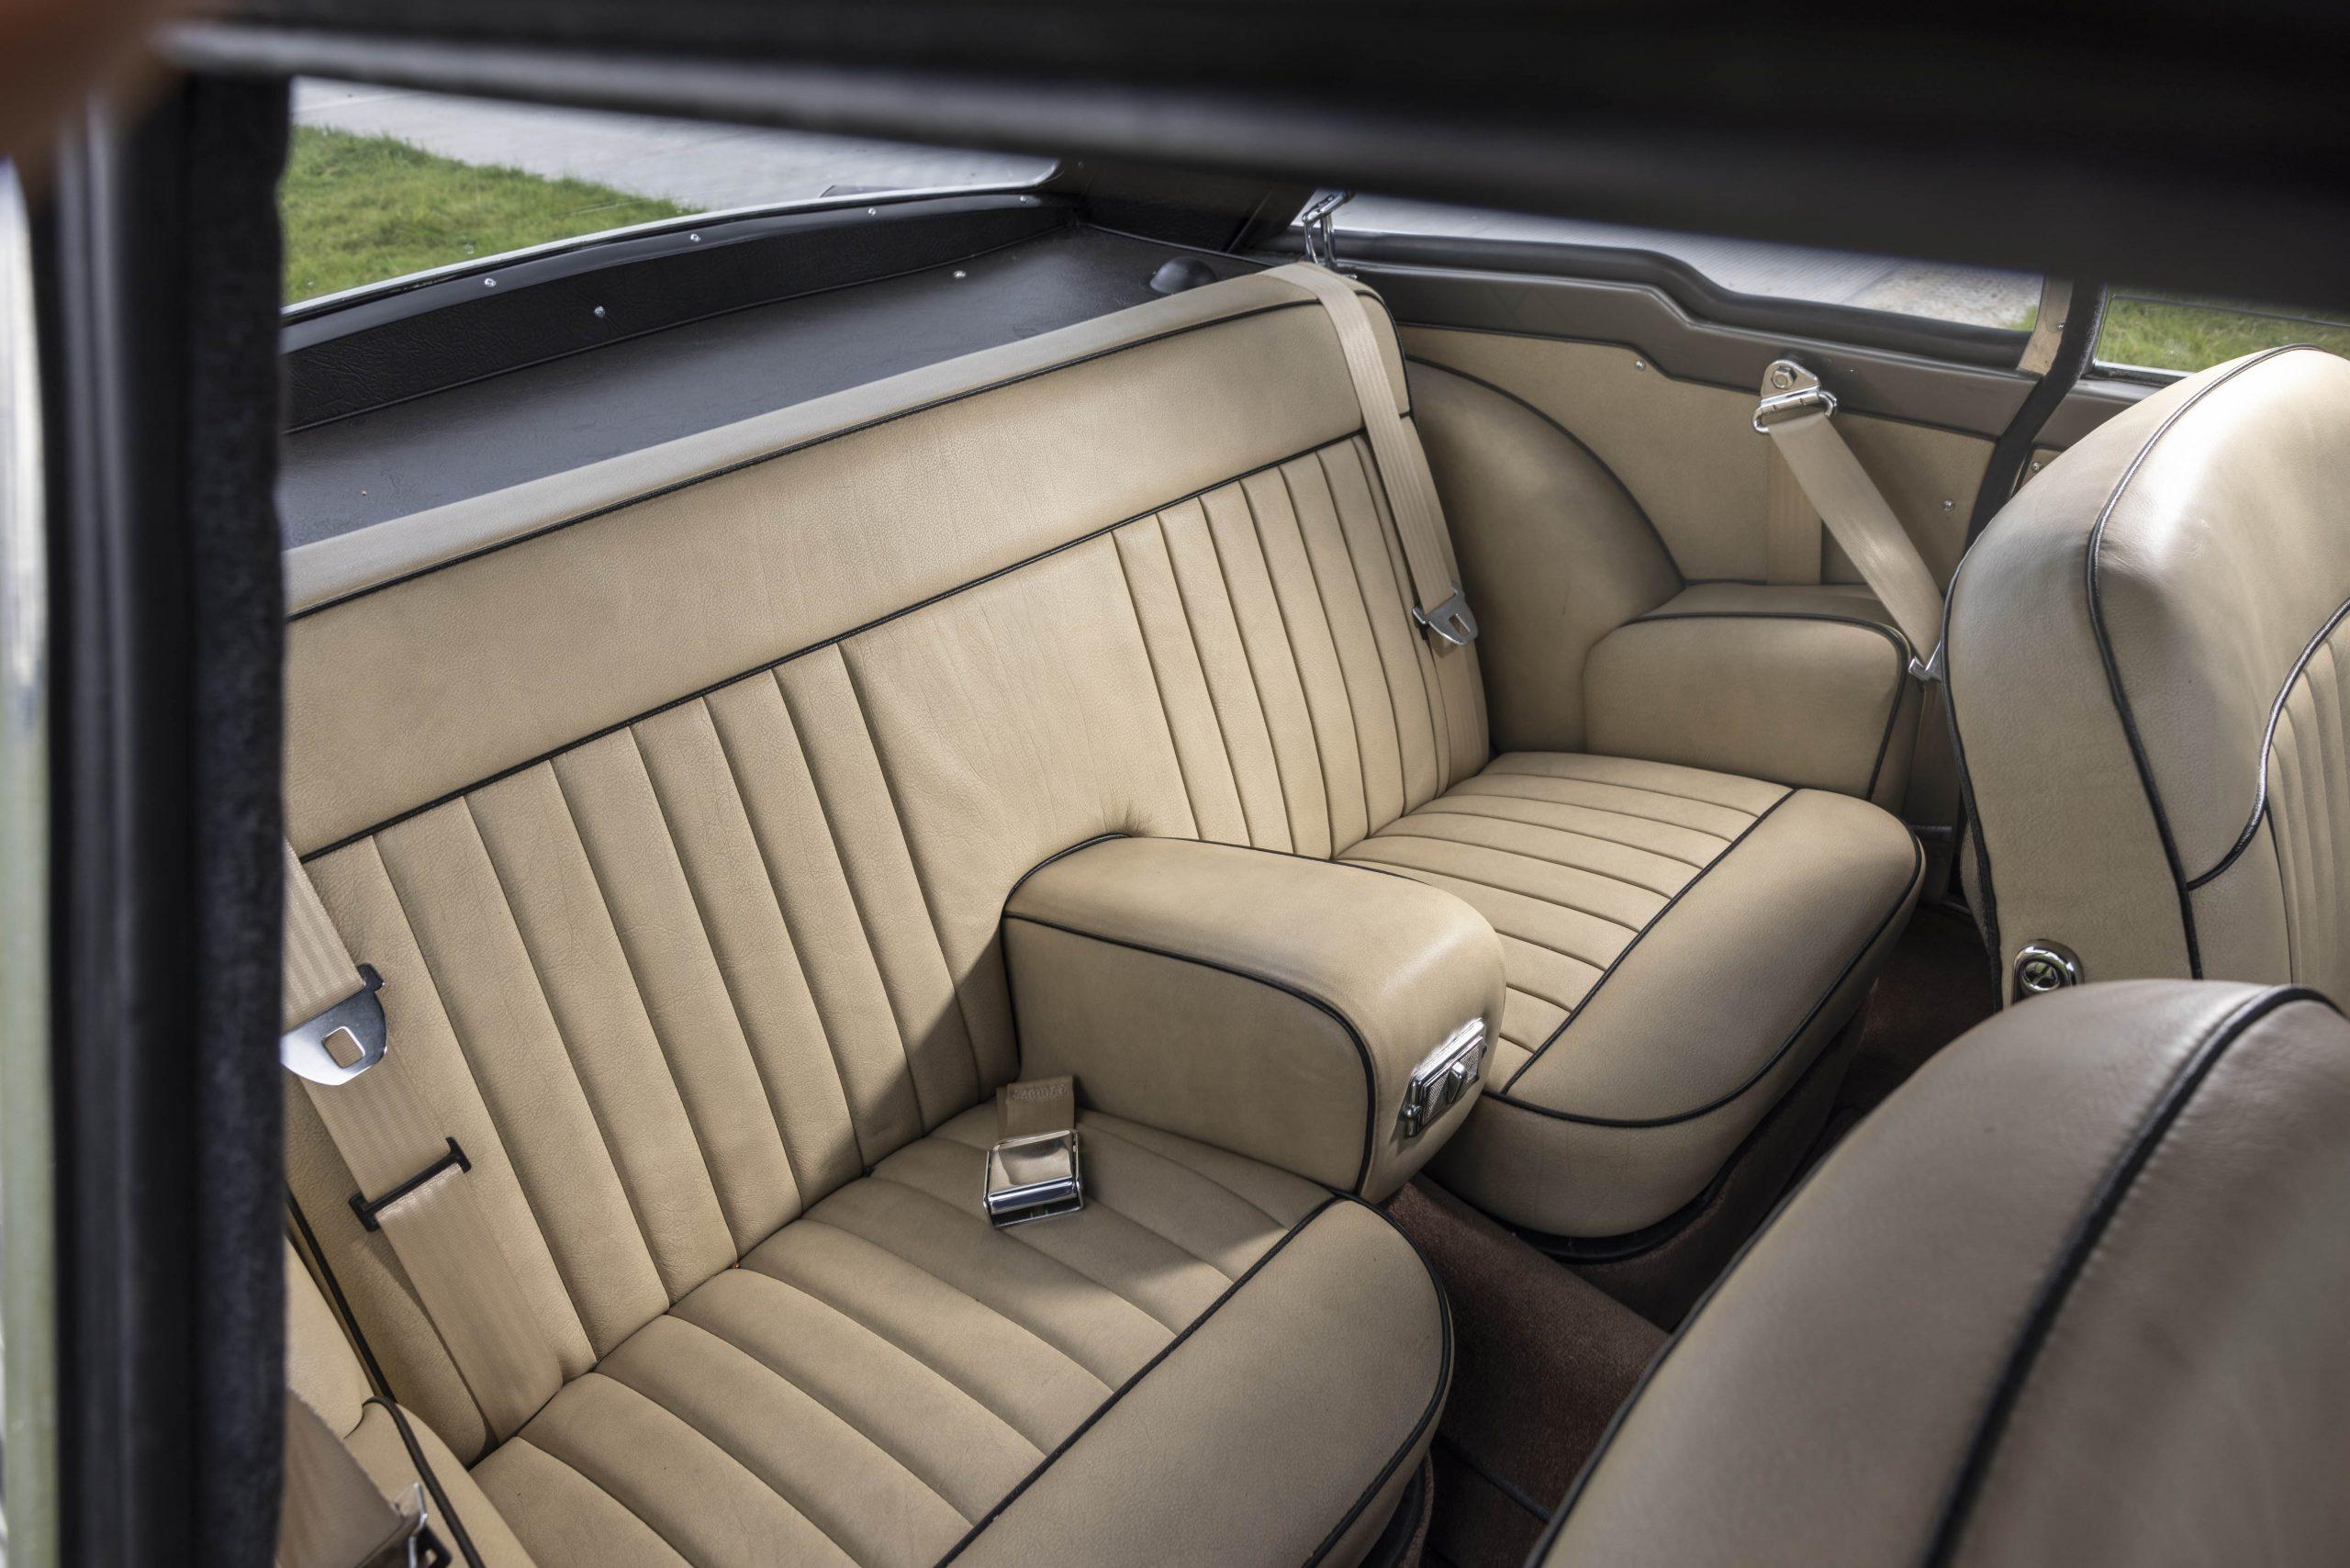 Zagato-bodied Bristol 406 interior rear seat